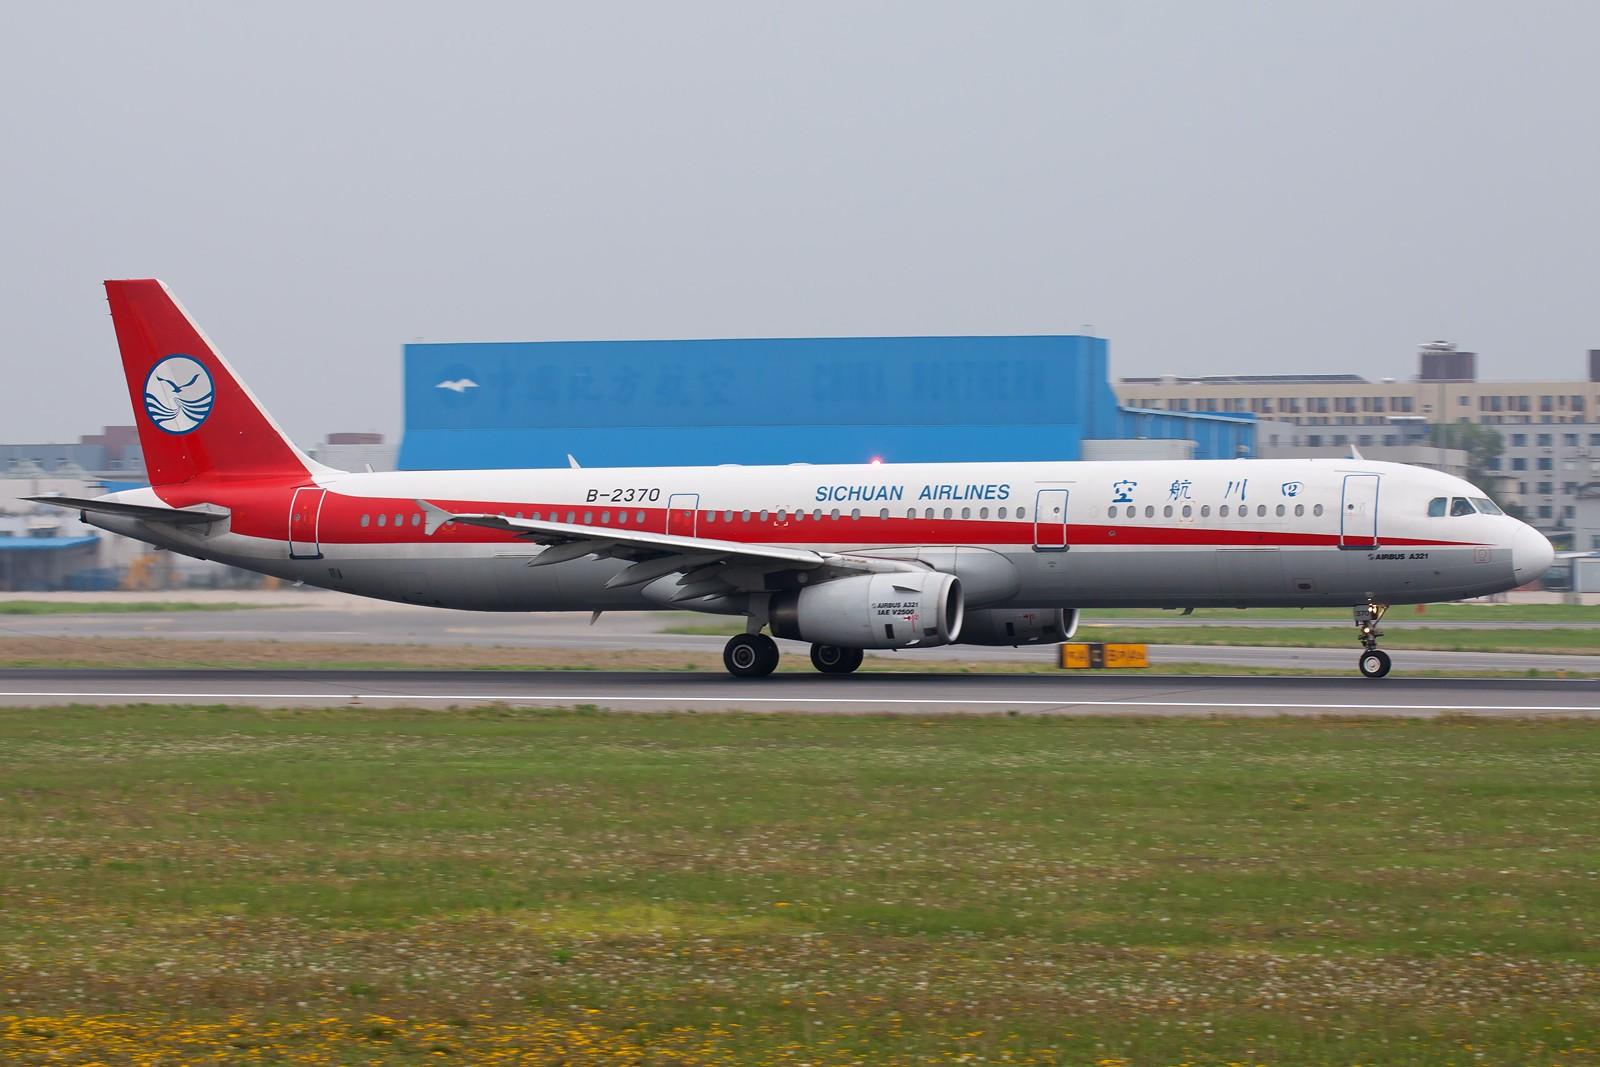 Re:[原创]周末SHE拍机组图【20P】 AIRBUS A321-231 B-2370 中国沈阳桃仙机场